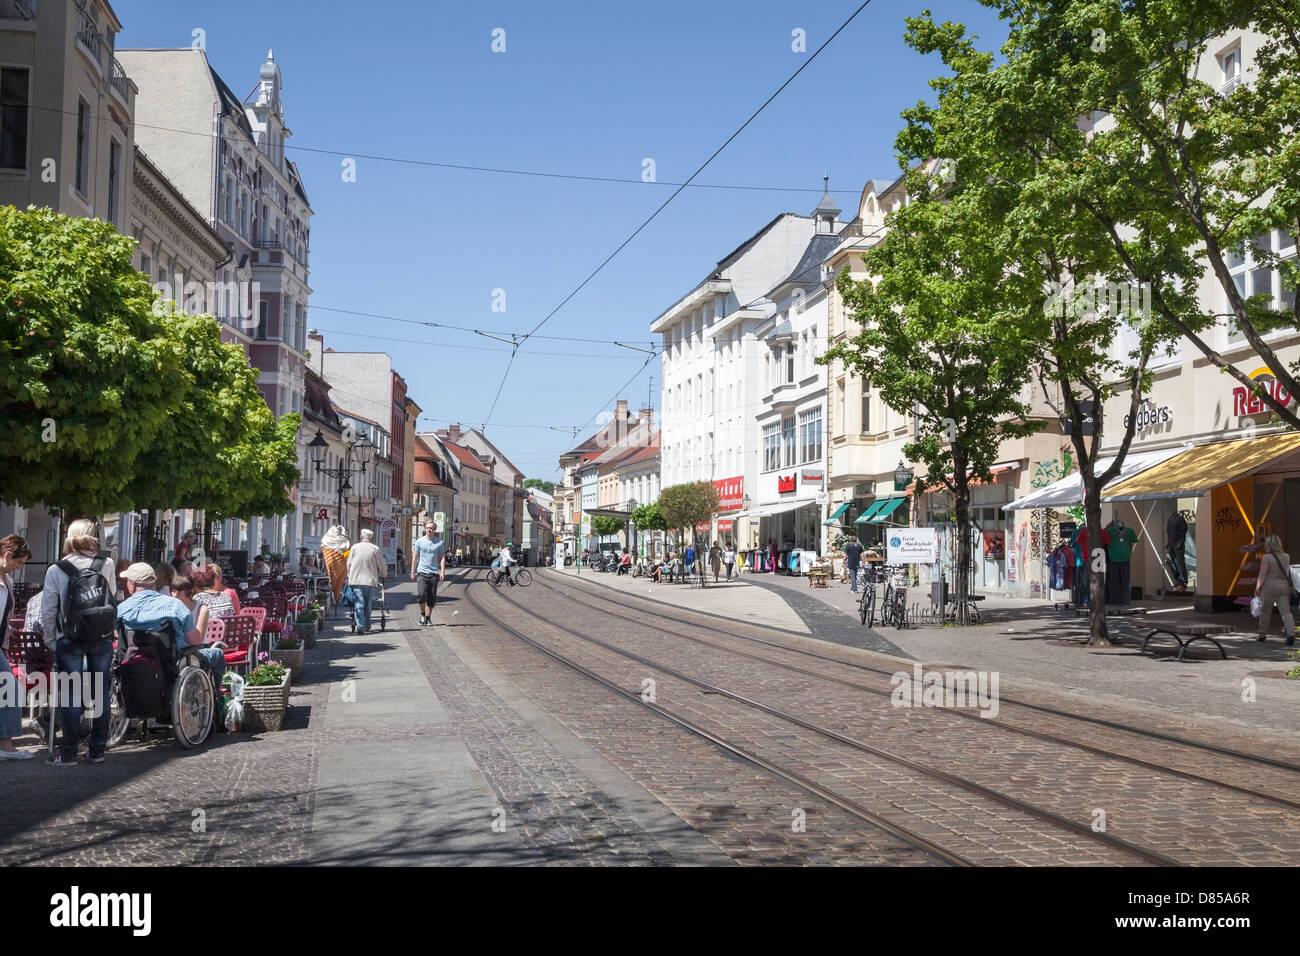 Steinstrasse, Brandenburg an der Havel, Germany - Stock Image